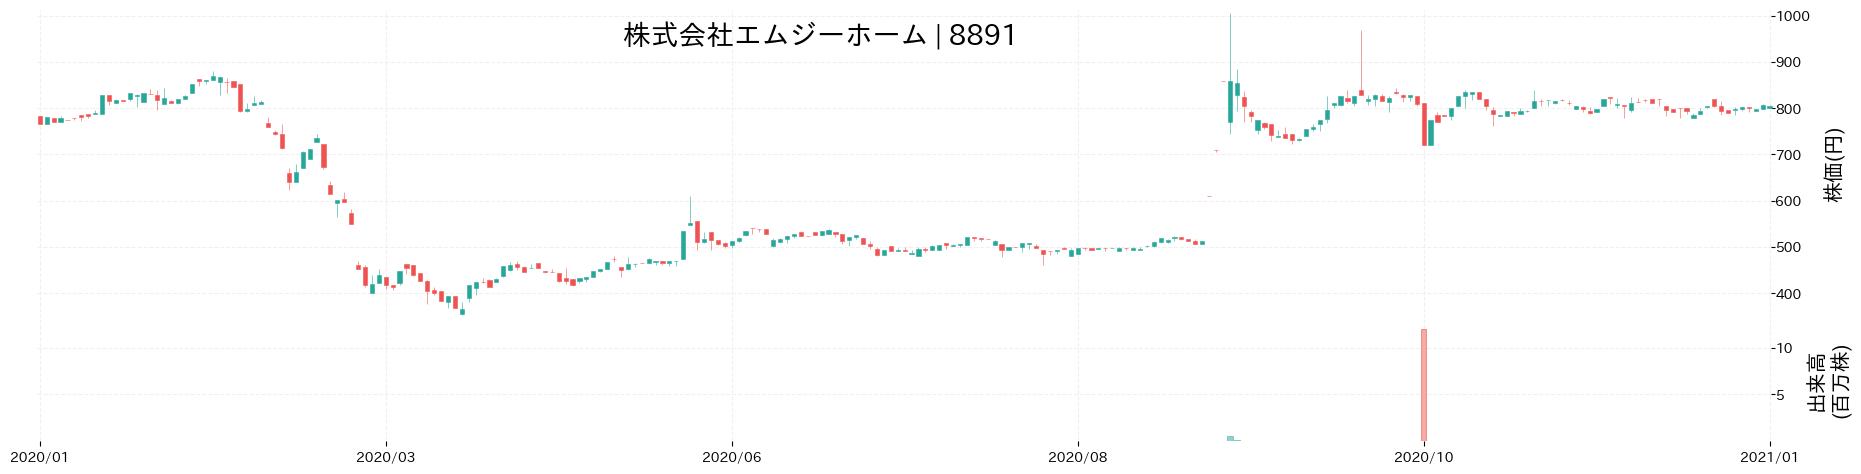 株式会社エムジーホームの株価推移(2020)